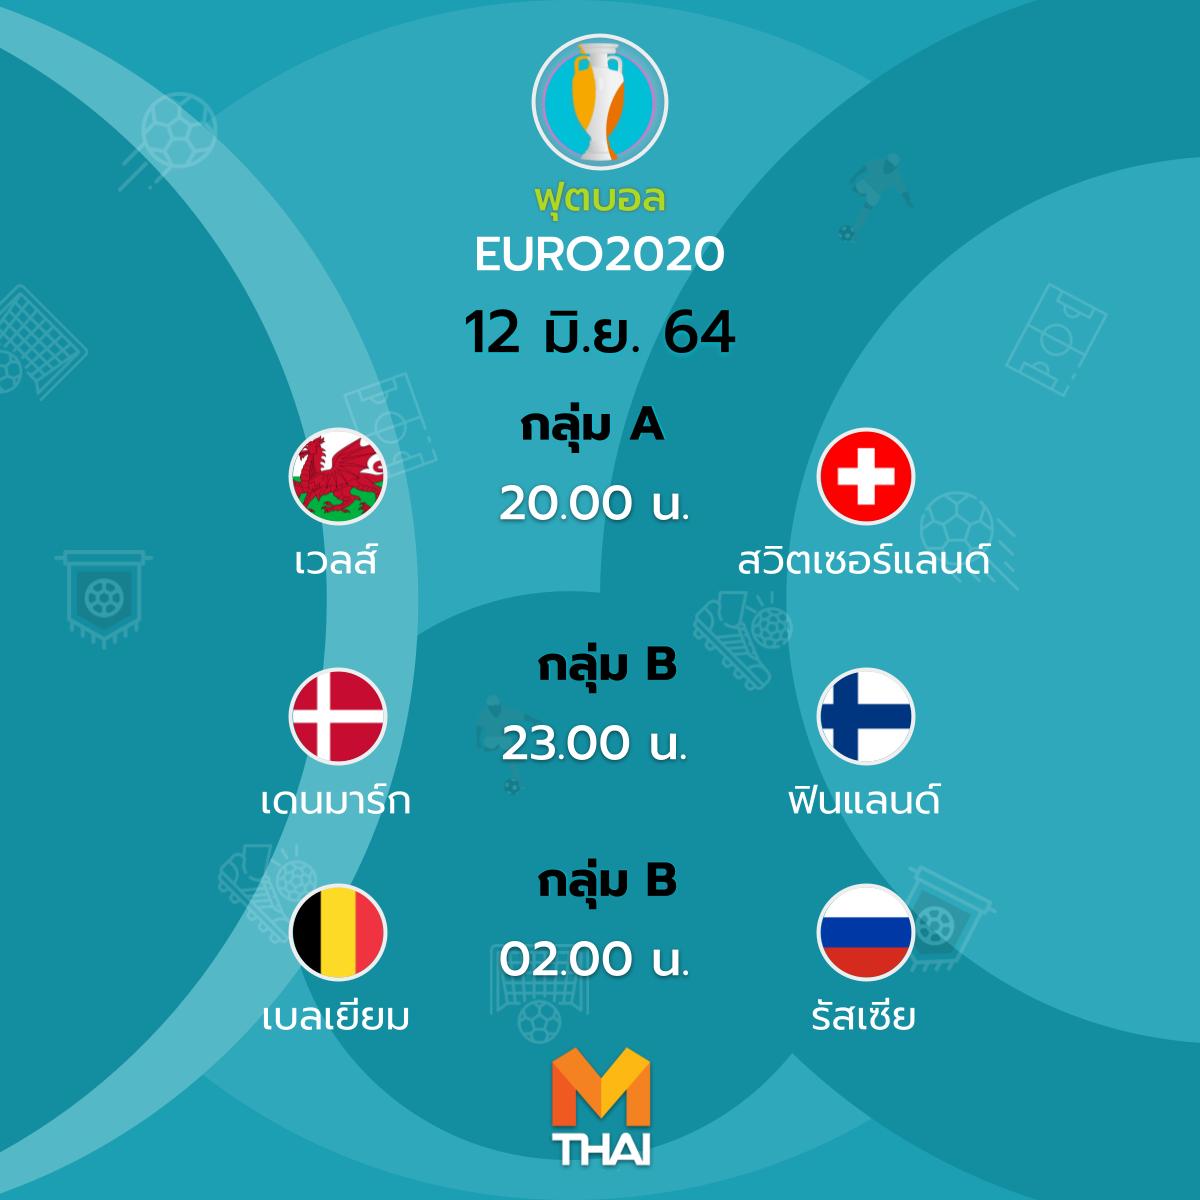 ฟุตบอลทีมชาติฟินแลนด์ ฟุตบอลทีมชาติรัสเซีย ฟุตบอลทีมชาติสวิตเซอร์แลนด์ ฟุตบอลทีมชาติเดนมาร์ก ฟุตบอลทีมชาติเบลเยียม ฟุตบอลทีมชาติเวลส์ ฟุตบอลยูโร 2020